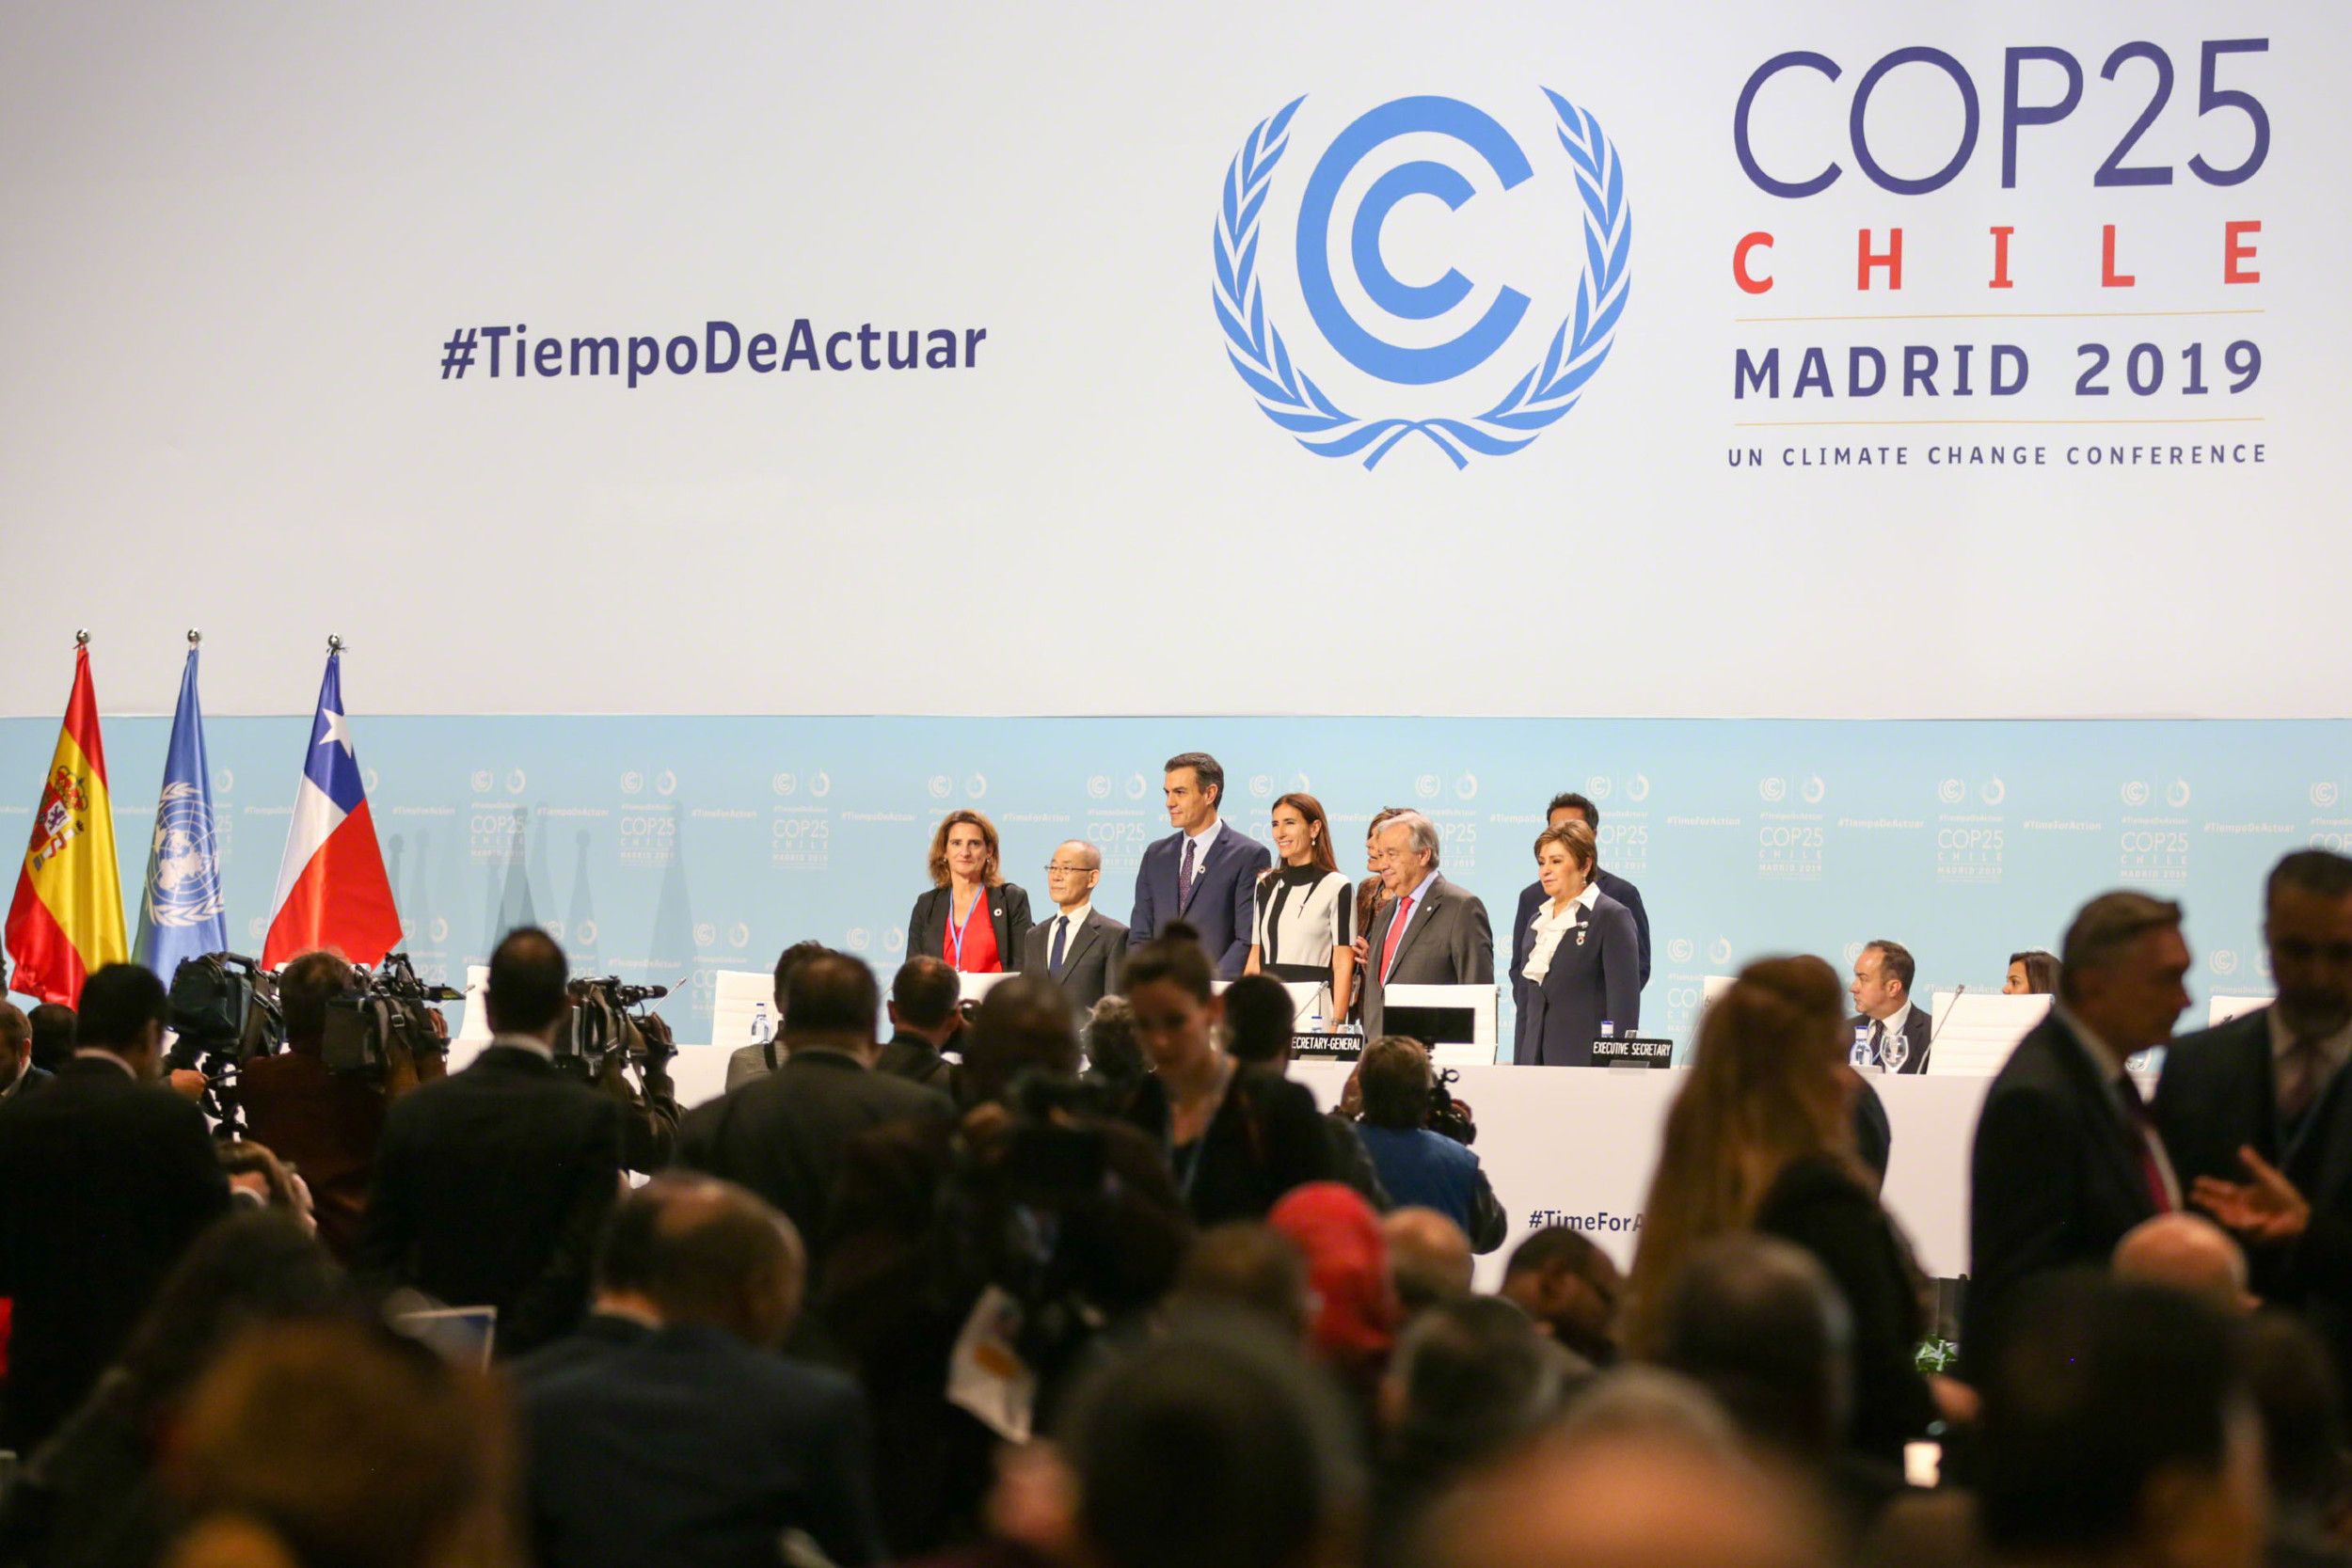 Tereza Ribera, španska ministarka za ekološku tranziciju, predsedavajući IPCC Hoesung Li, španski premijer Pedro Sančez, Karolina Šmit, predsedavajuća COP 25, Antonio Guteres, generalni sekretar UN-a i Patrisija Espinoza, izvršni sekretar UNFCCC na otvaranju COP 25, Madrid, 01. decembar 2019. (Foto: iisd.org)